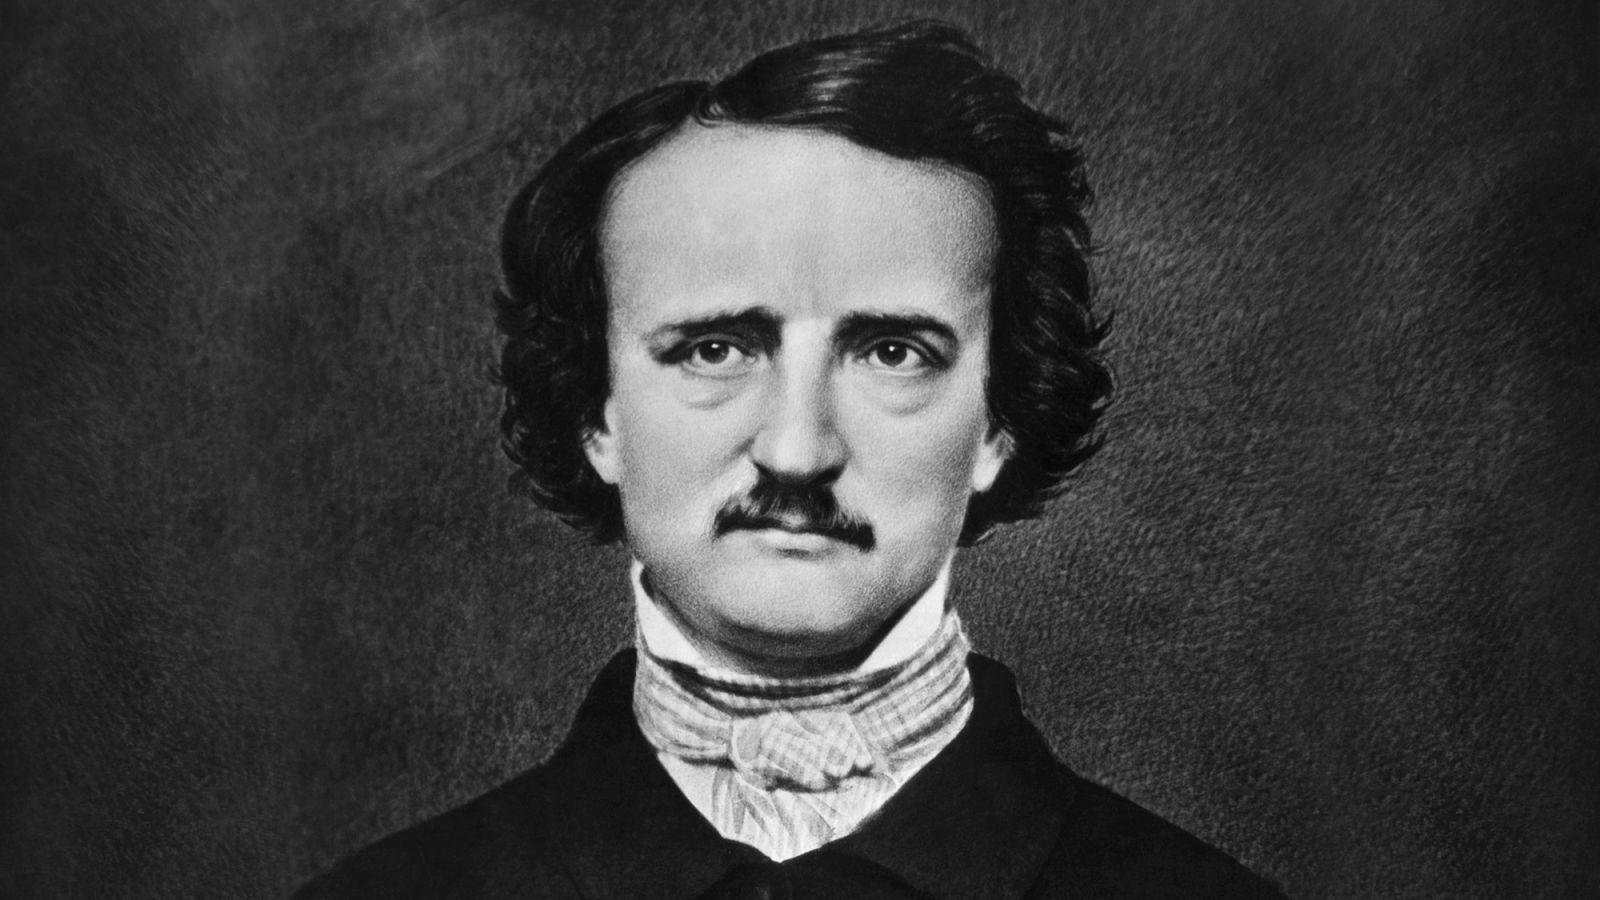 Edgar Allan Poe murió hace 170 años y acá hay siete datos curiosos del creador de la novela detectivesca